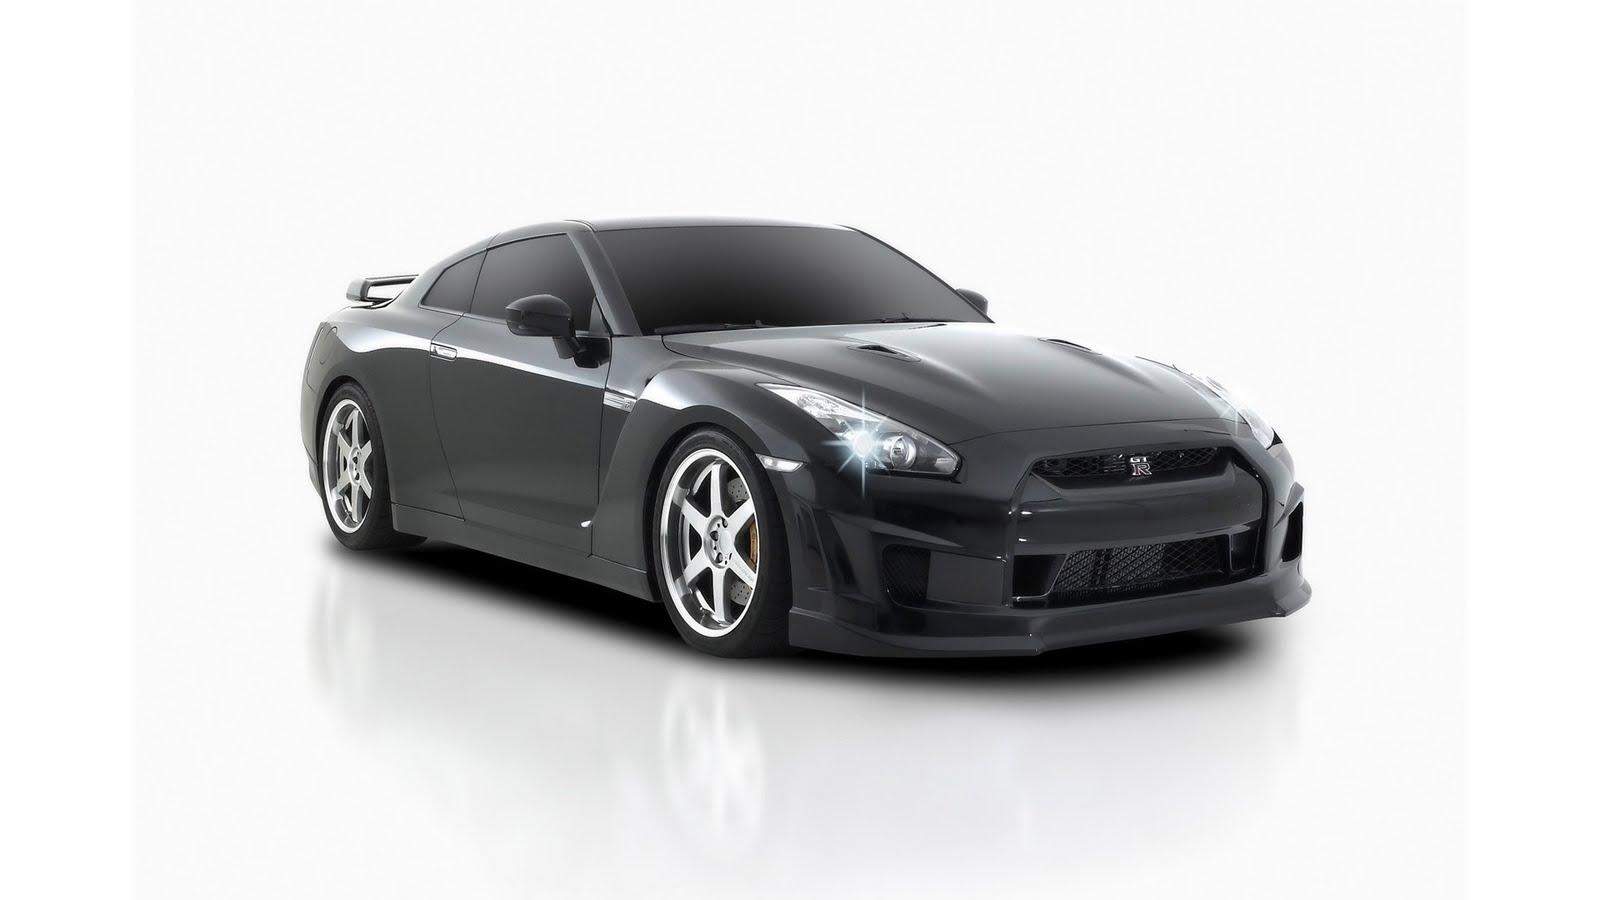 http://4.bp.blogspot.com/-UsyYw0dupks/Teif6iLvVKI/AAAAAAAAAF4/1dy1yCtt65A/s1600/Nissan_GTR_R35_Skyline_1920x1080-HDTV-1080p.jpg